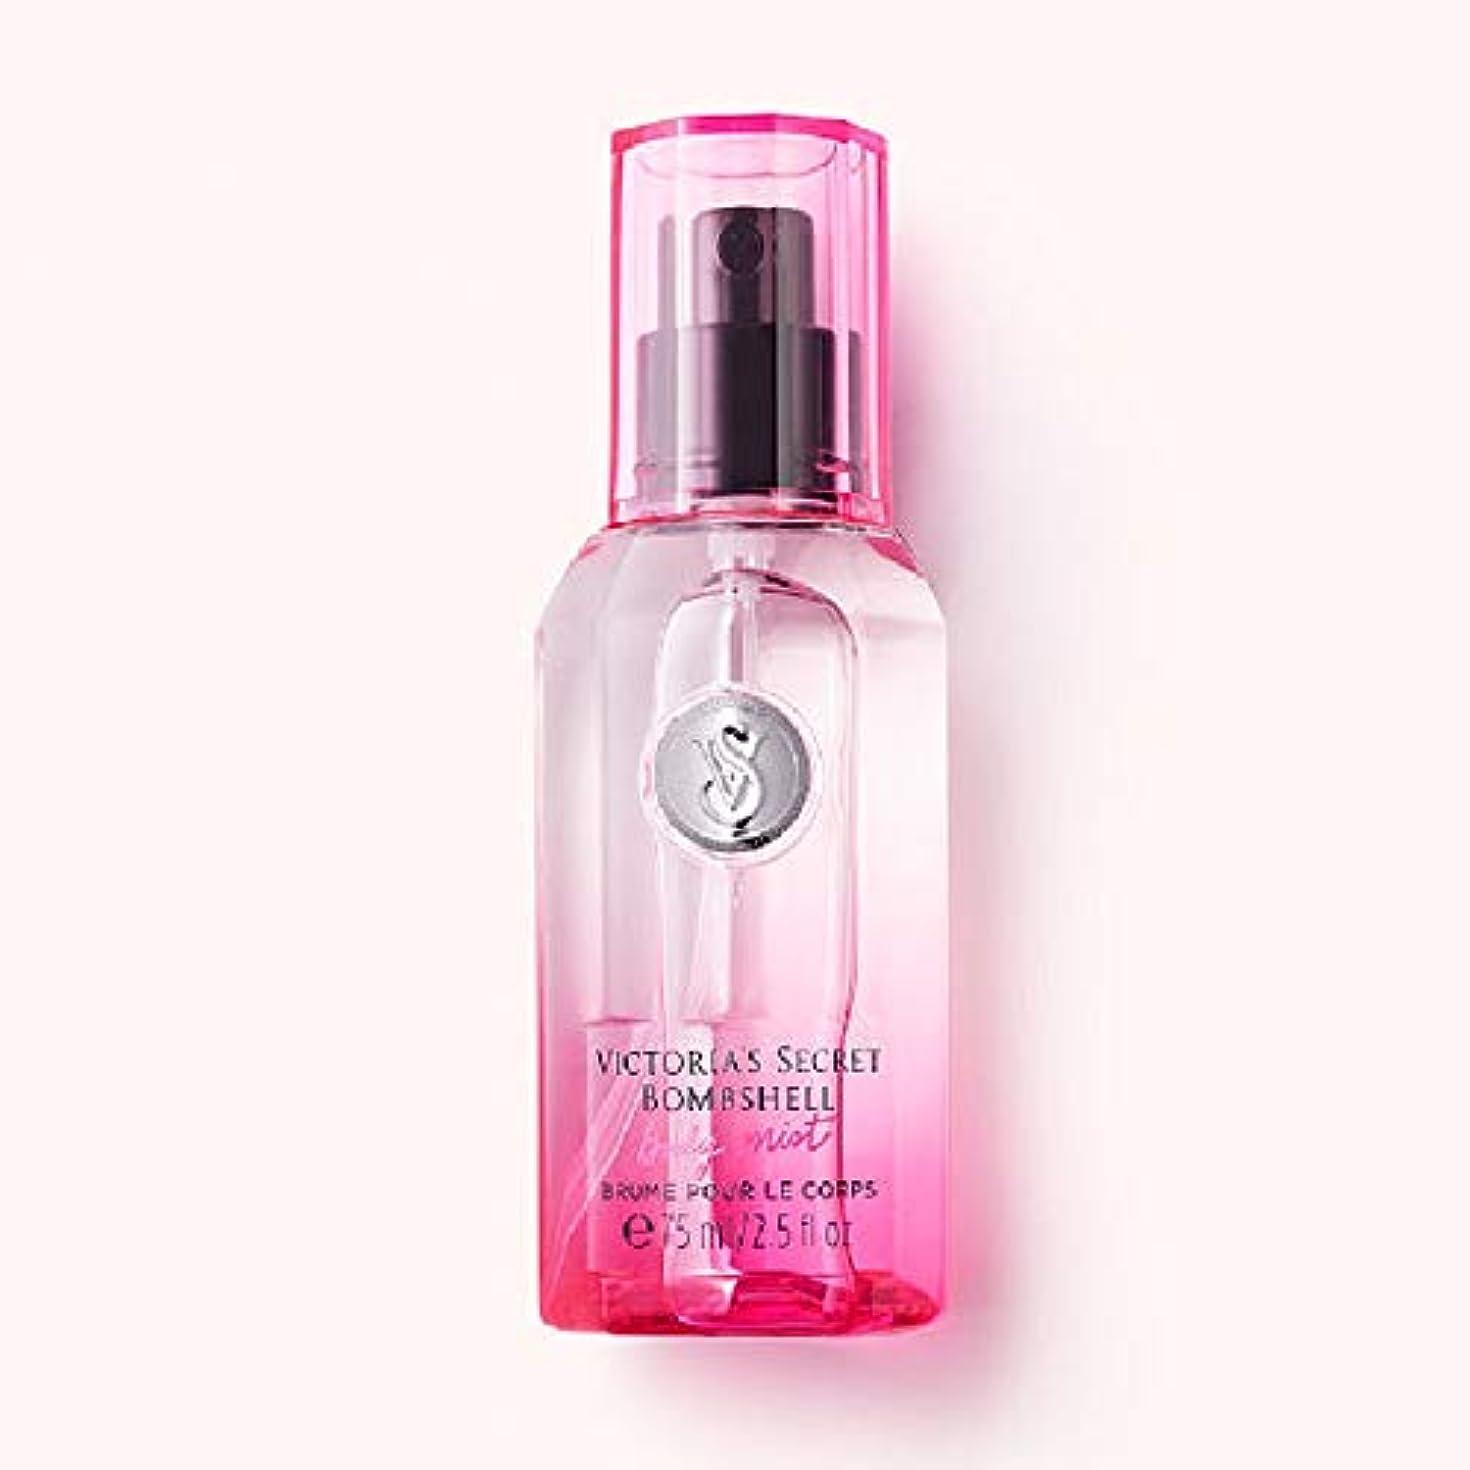 条件付き平和な対処するトラベルサイズフレグランスミスト TravelSize FragranceMist ヴィクトリアズシークレット Victoria'sSecret (3.ボムシェル/Bombshell) [並行輸入品]